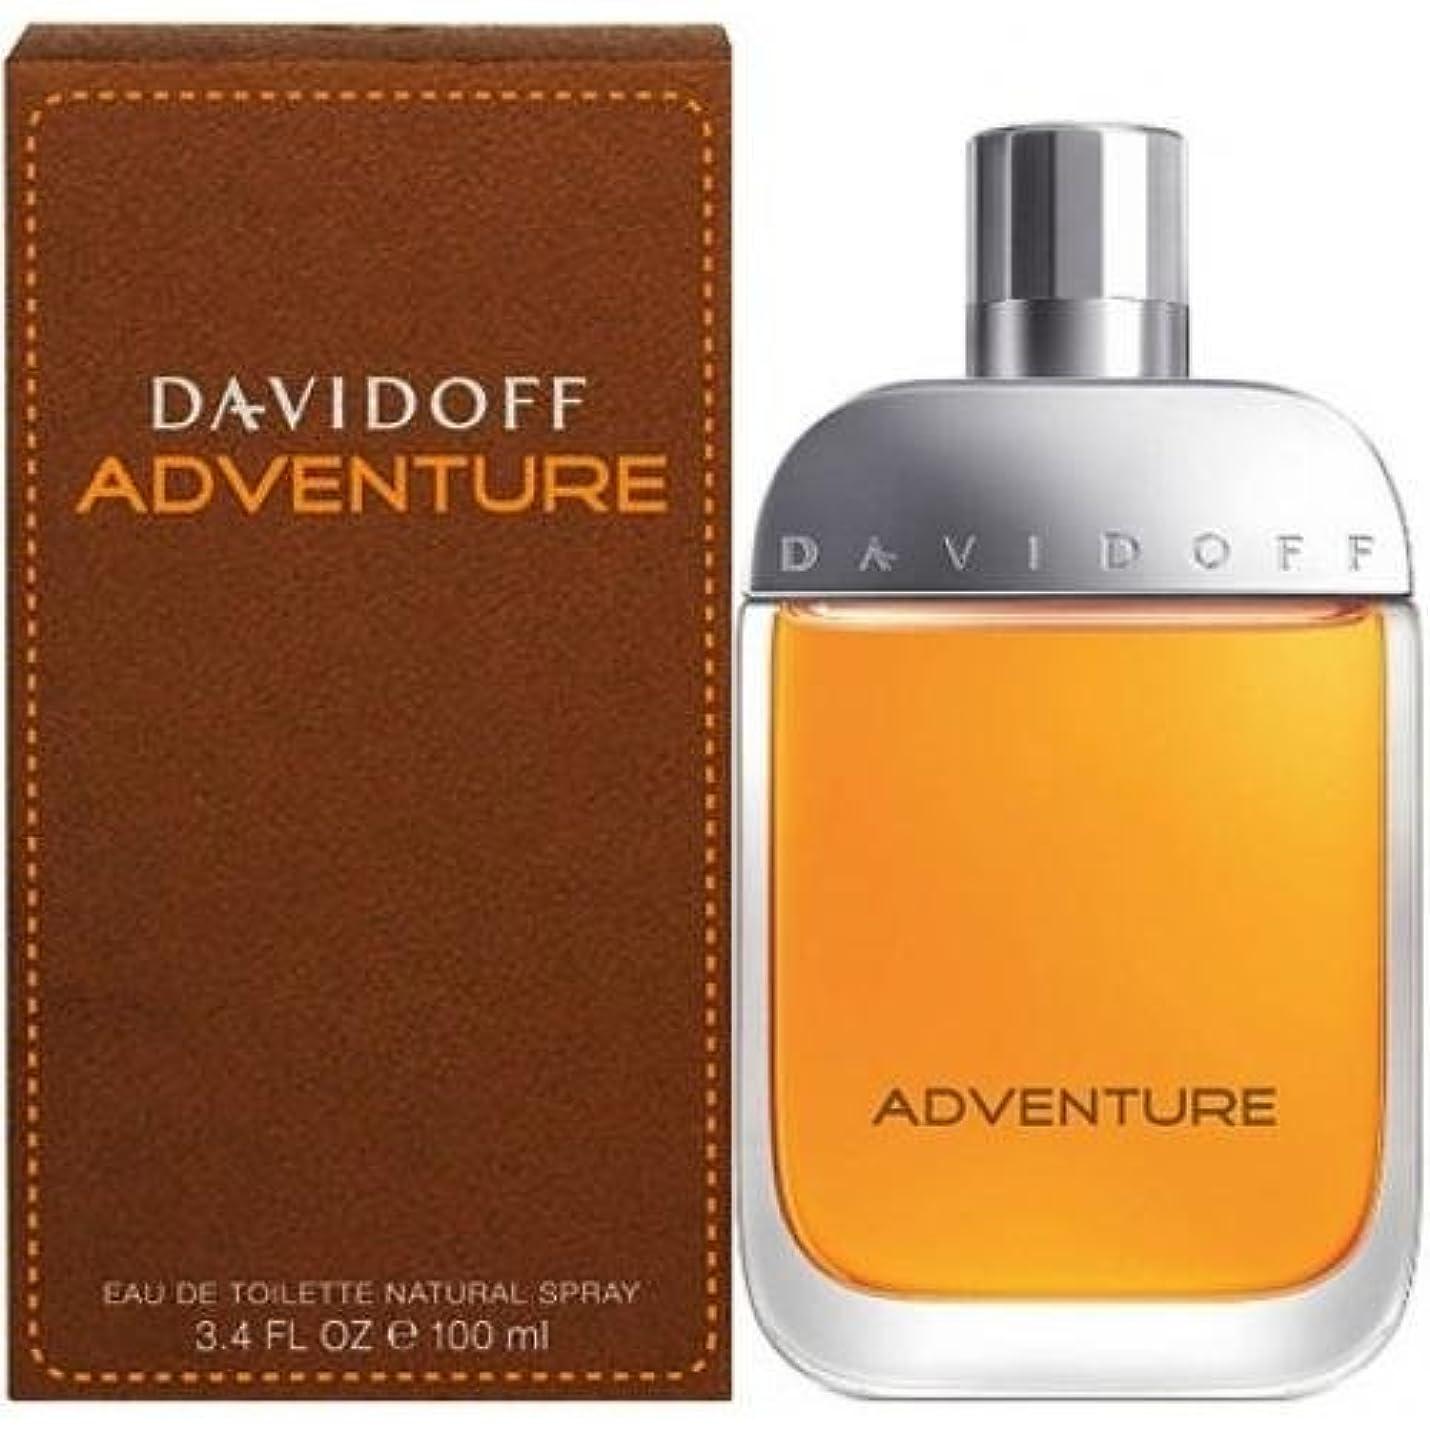 侵略石鹸改善ダビドフ[DAVIDOFF]ダビドフアドベンチャー100mlオードトワレスプレー